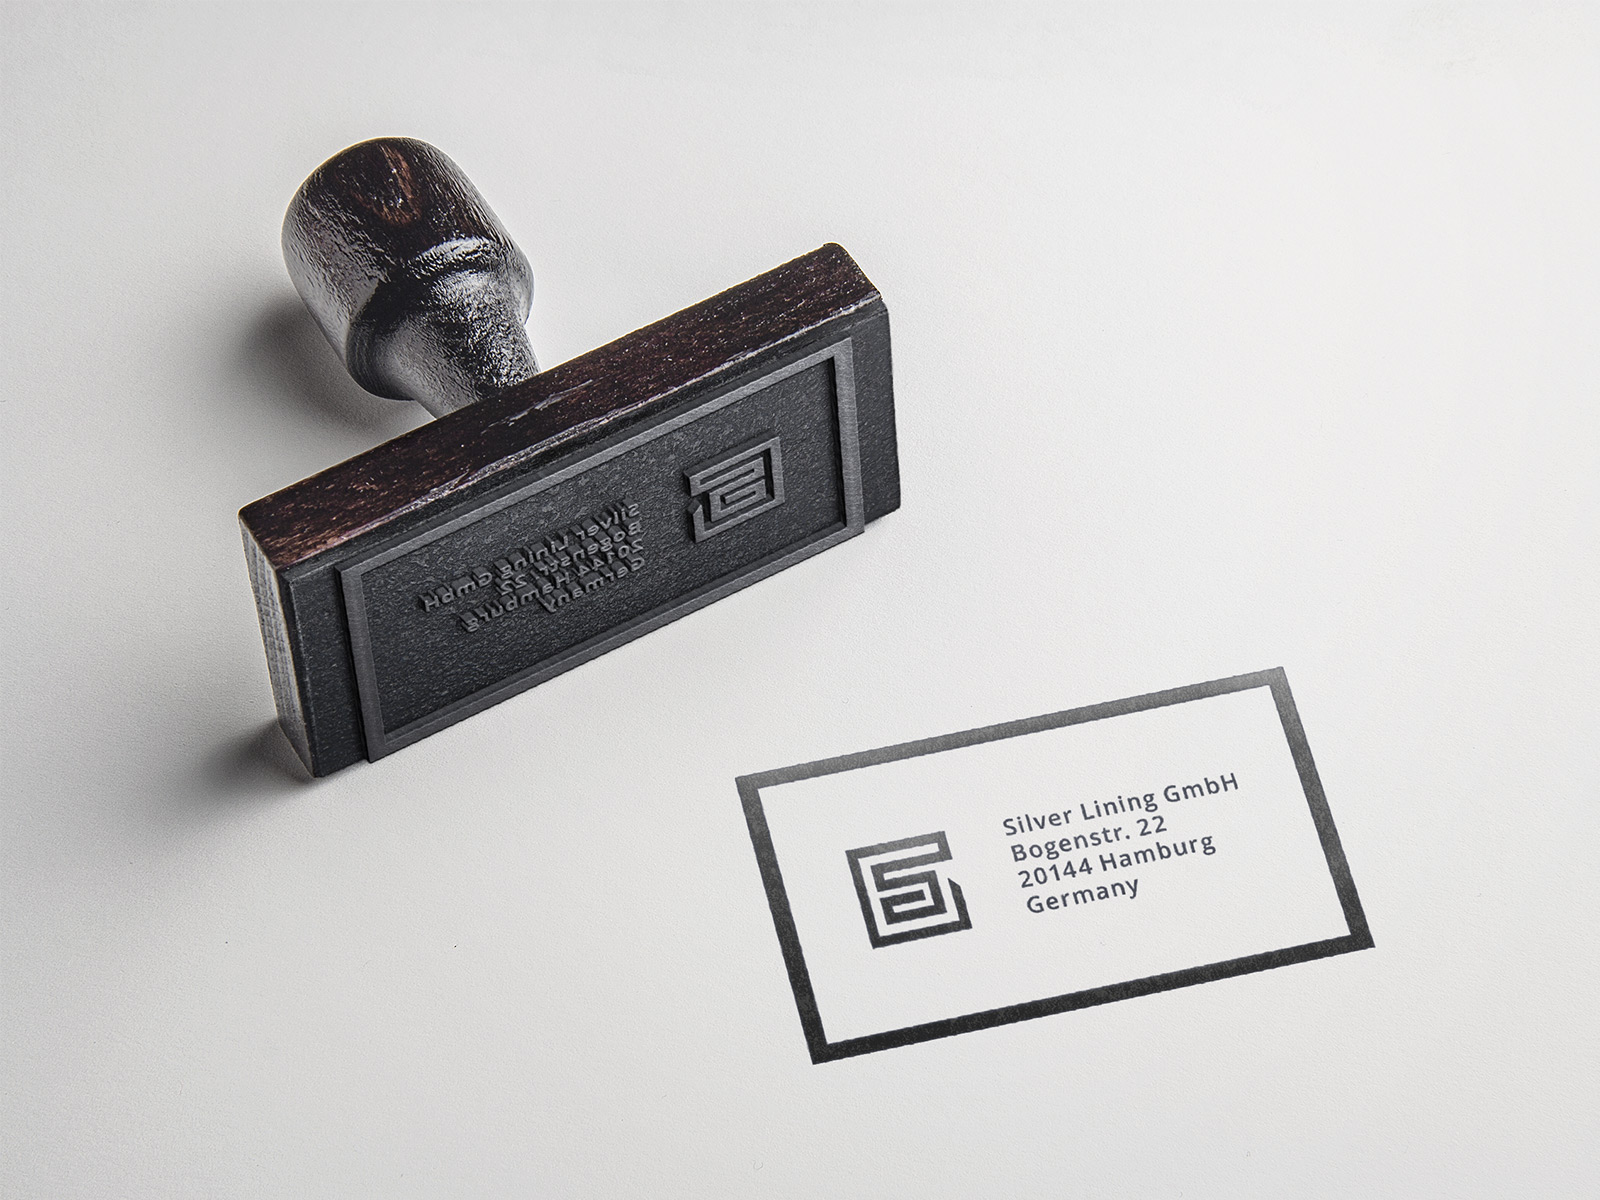 silver-lining-design-brand-marke-creative-agentur